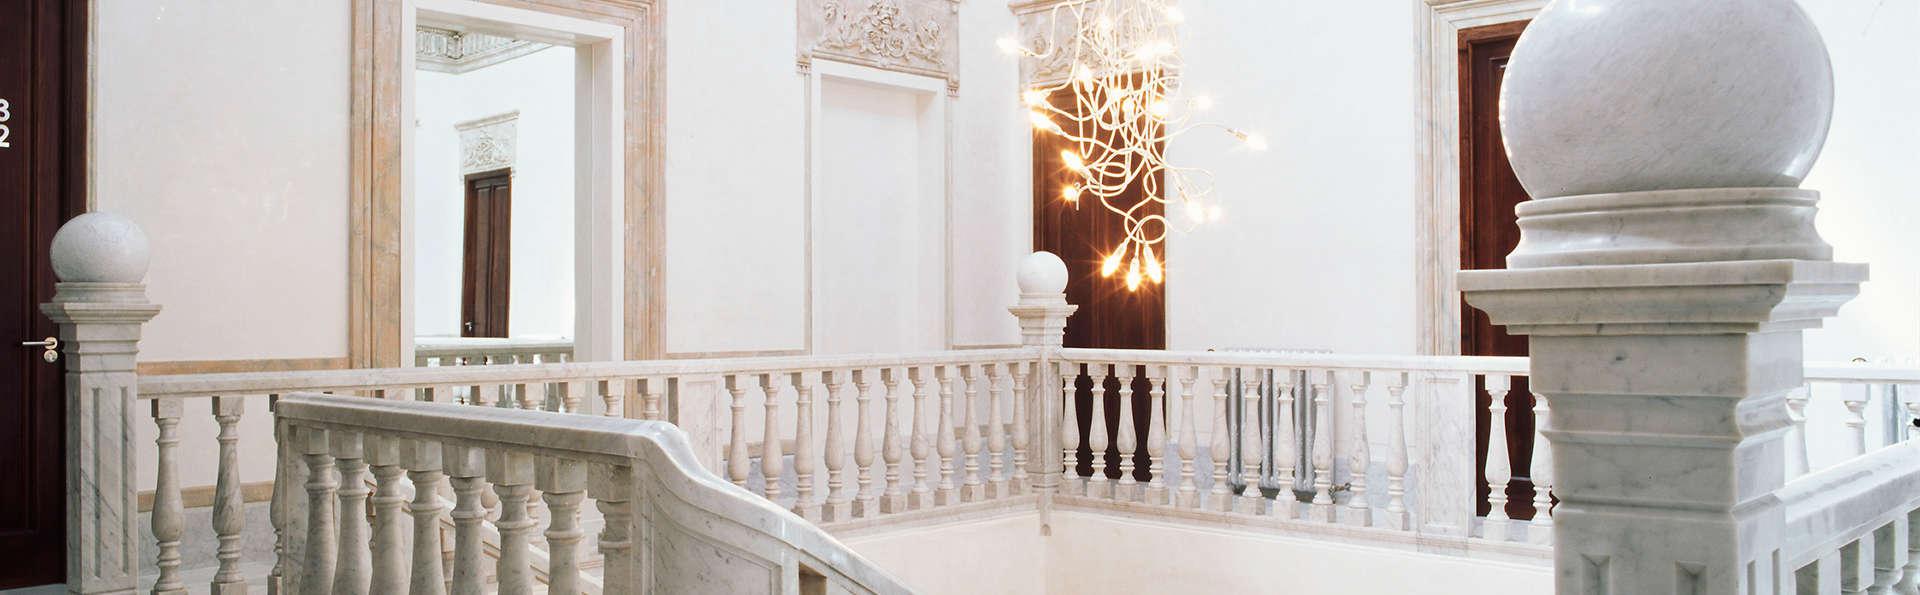 Hotel Hospes Palacio de los Patos - EDIT_interior1.jpg